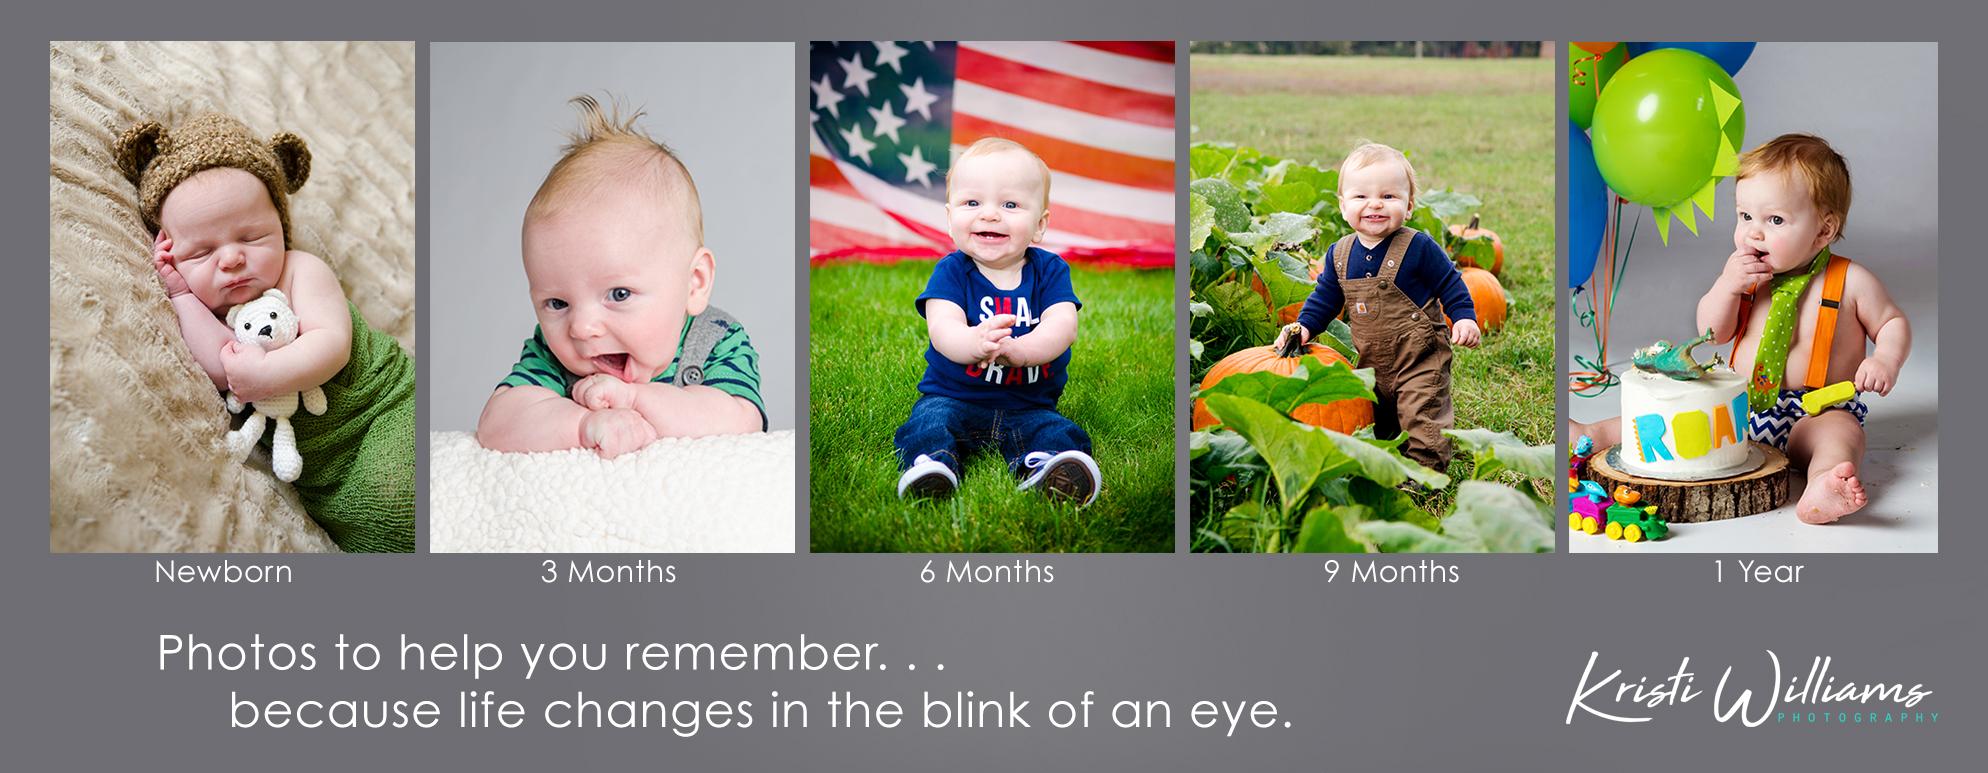 blink of an eye.jpg